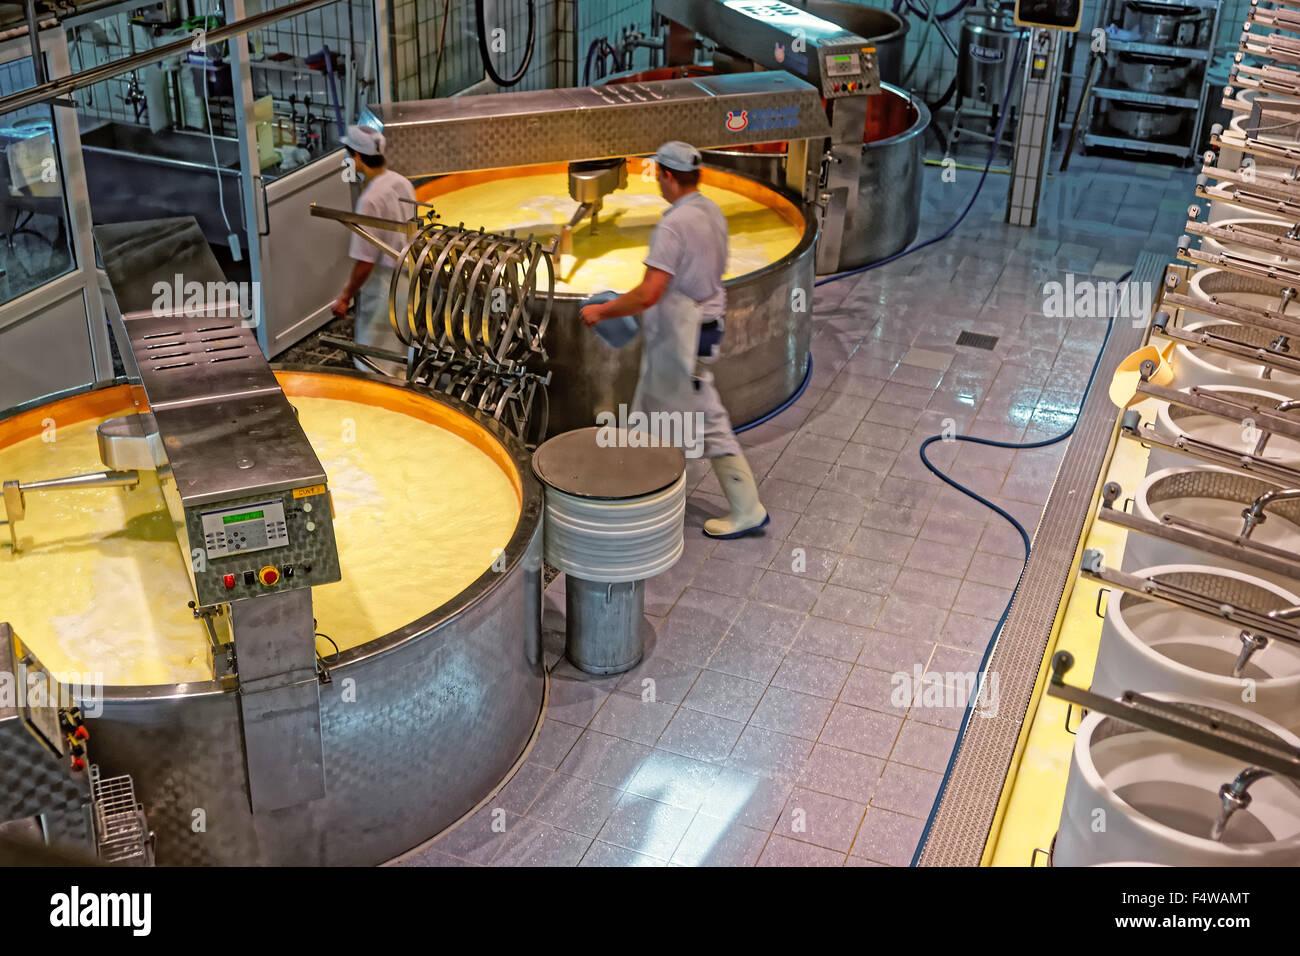 Gruyère, SUISSE - 31 décembre 2014: processus de production de fromage de gruyère à l'usine de fabrication de fromage Banque D'Images